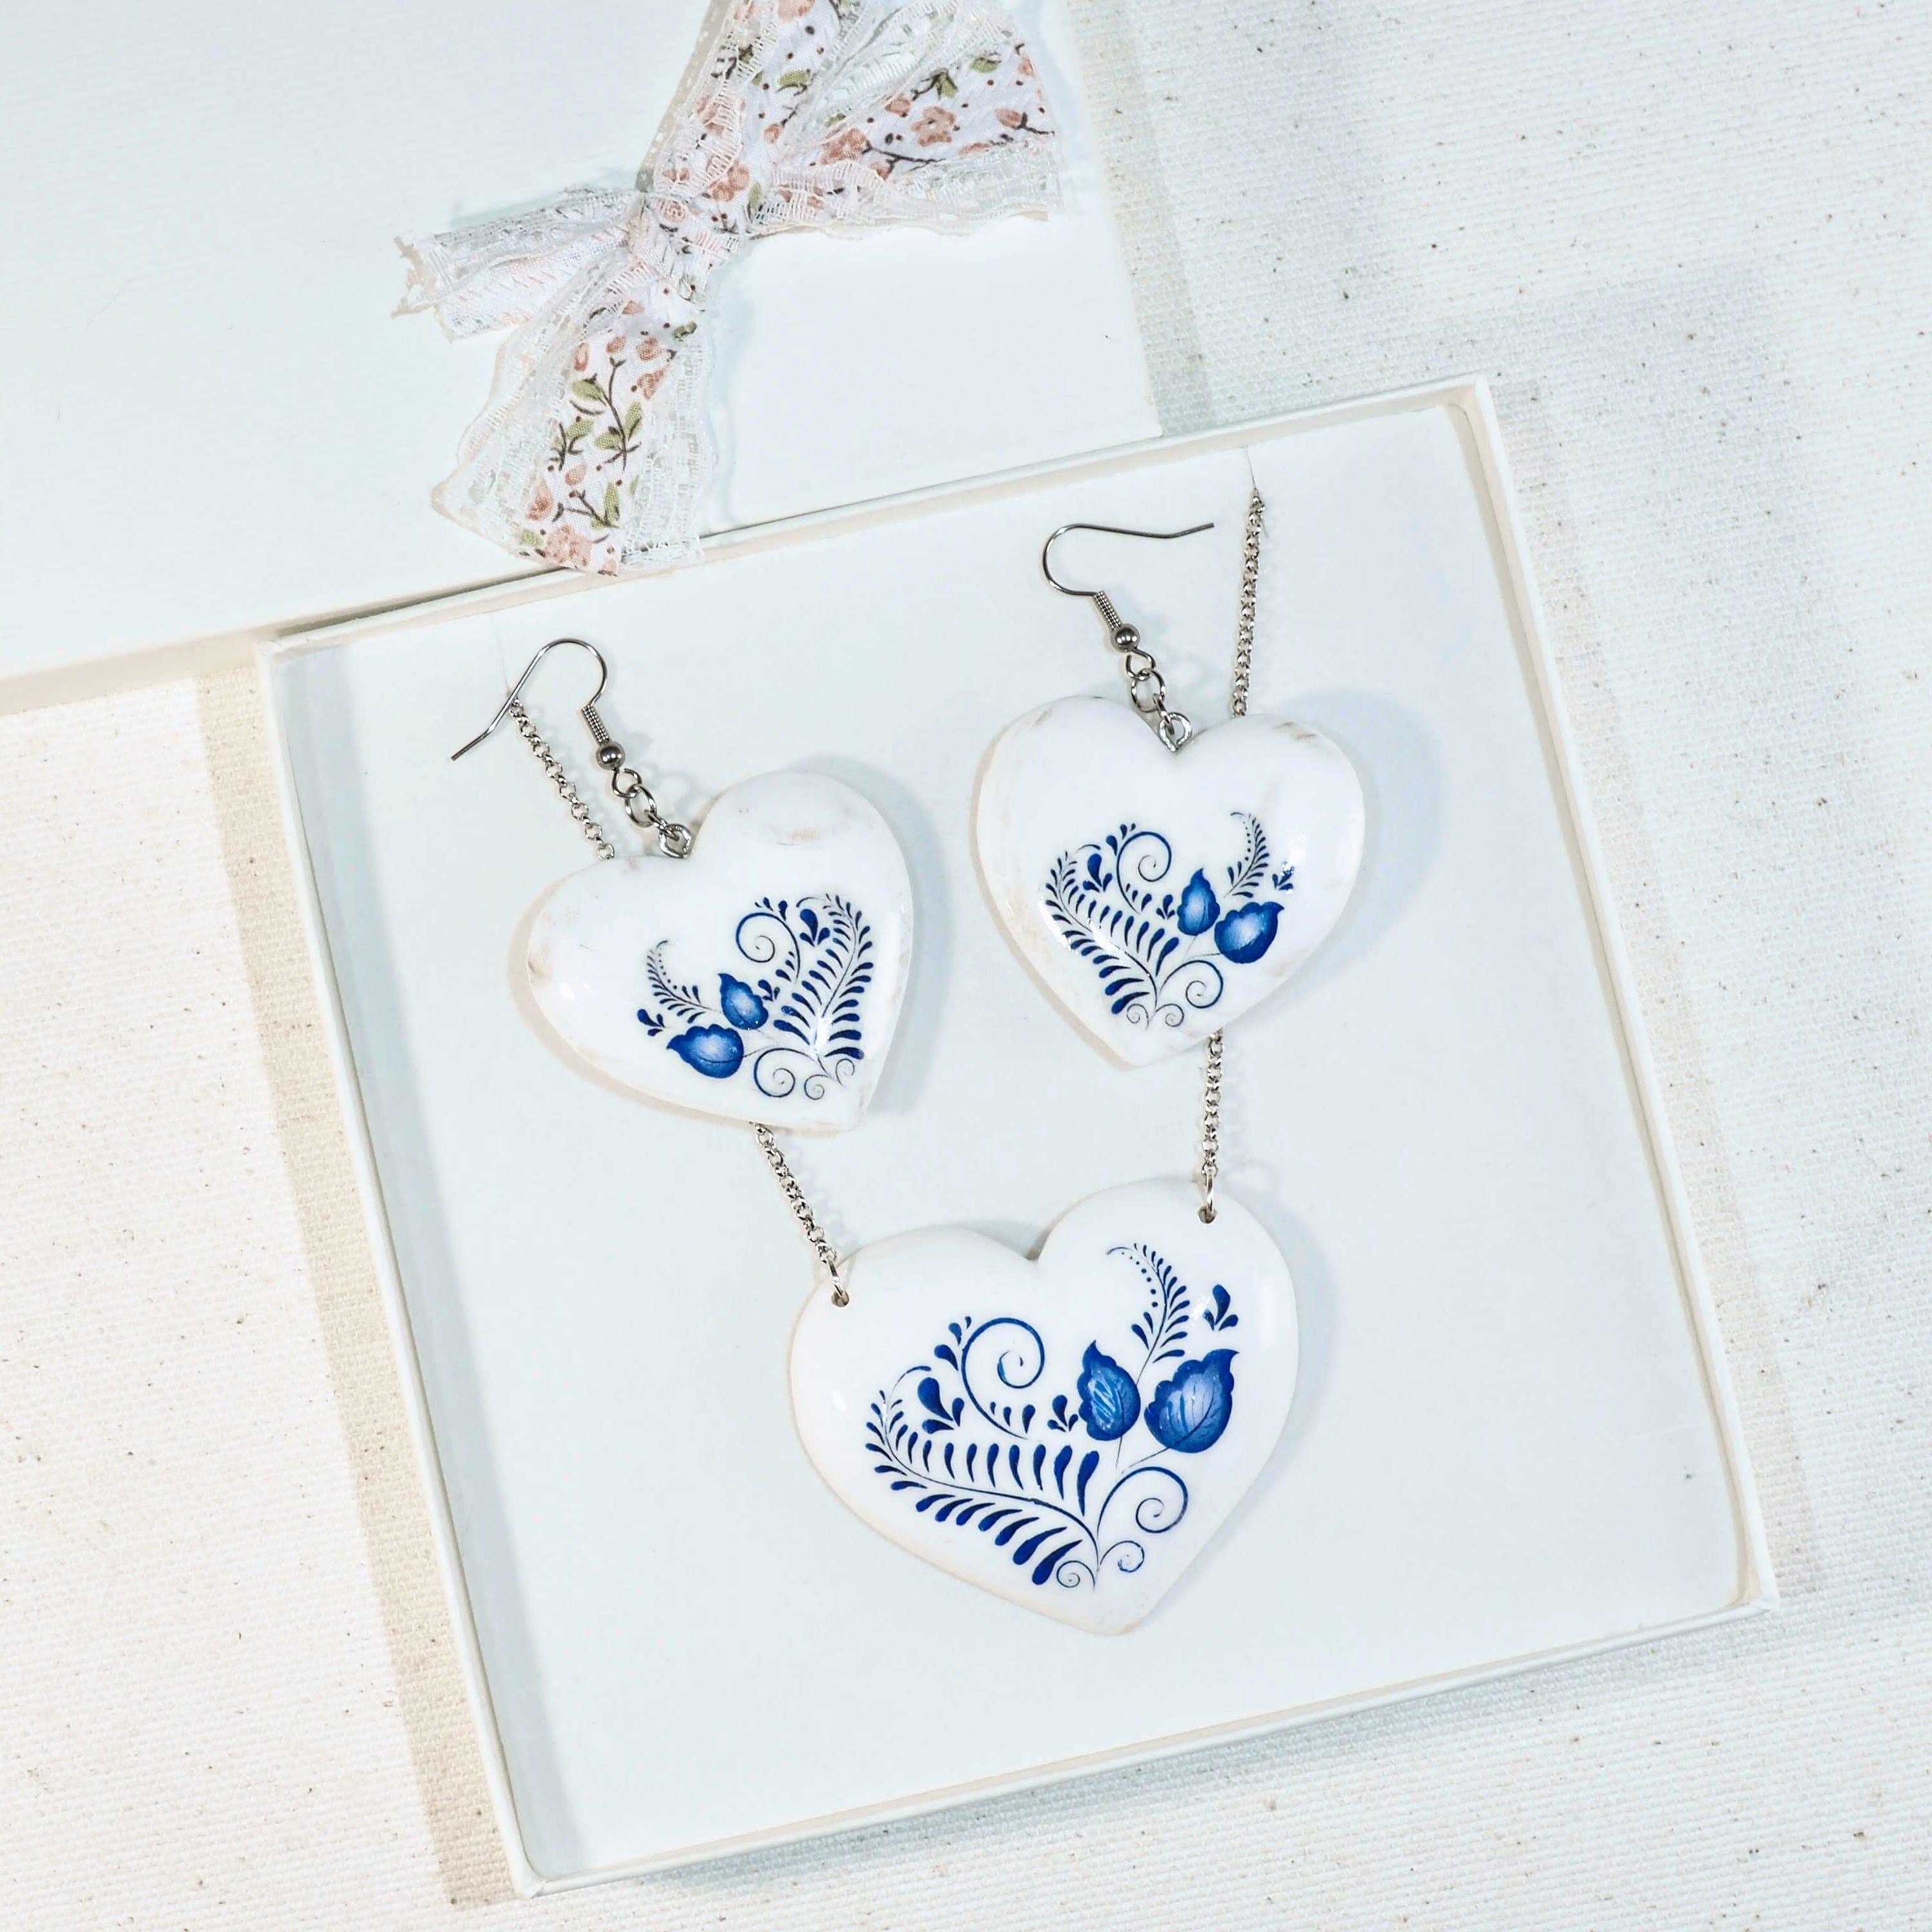 147170f12 Drevený náhrdelník vzor Bielo-modrý I Dalea.sk